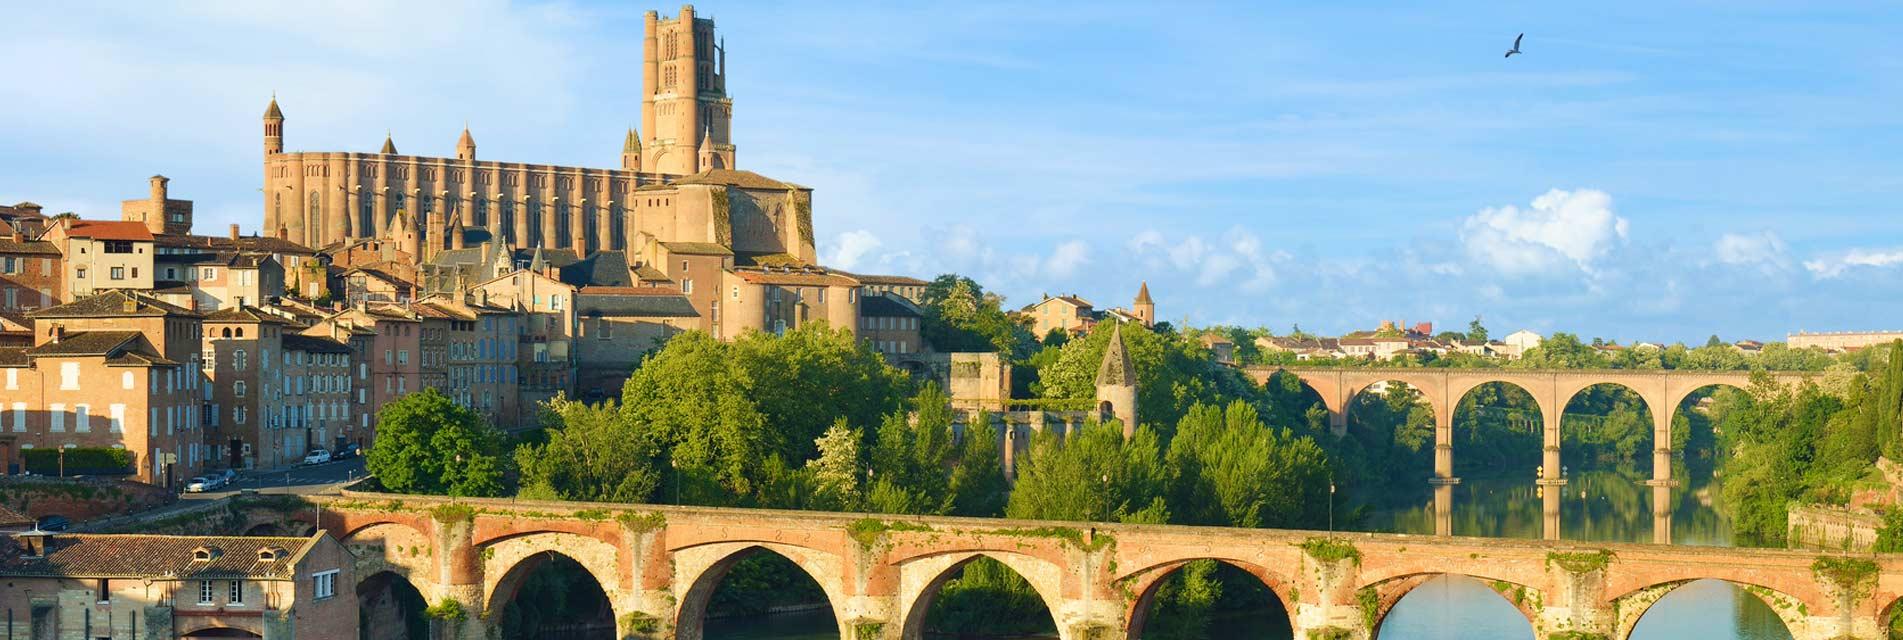 Albi, la cité épiscopale dans le Tarn en Occitanie